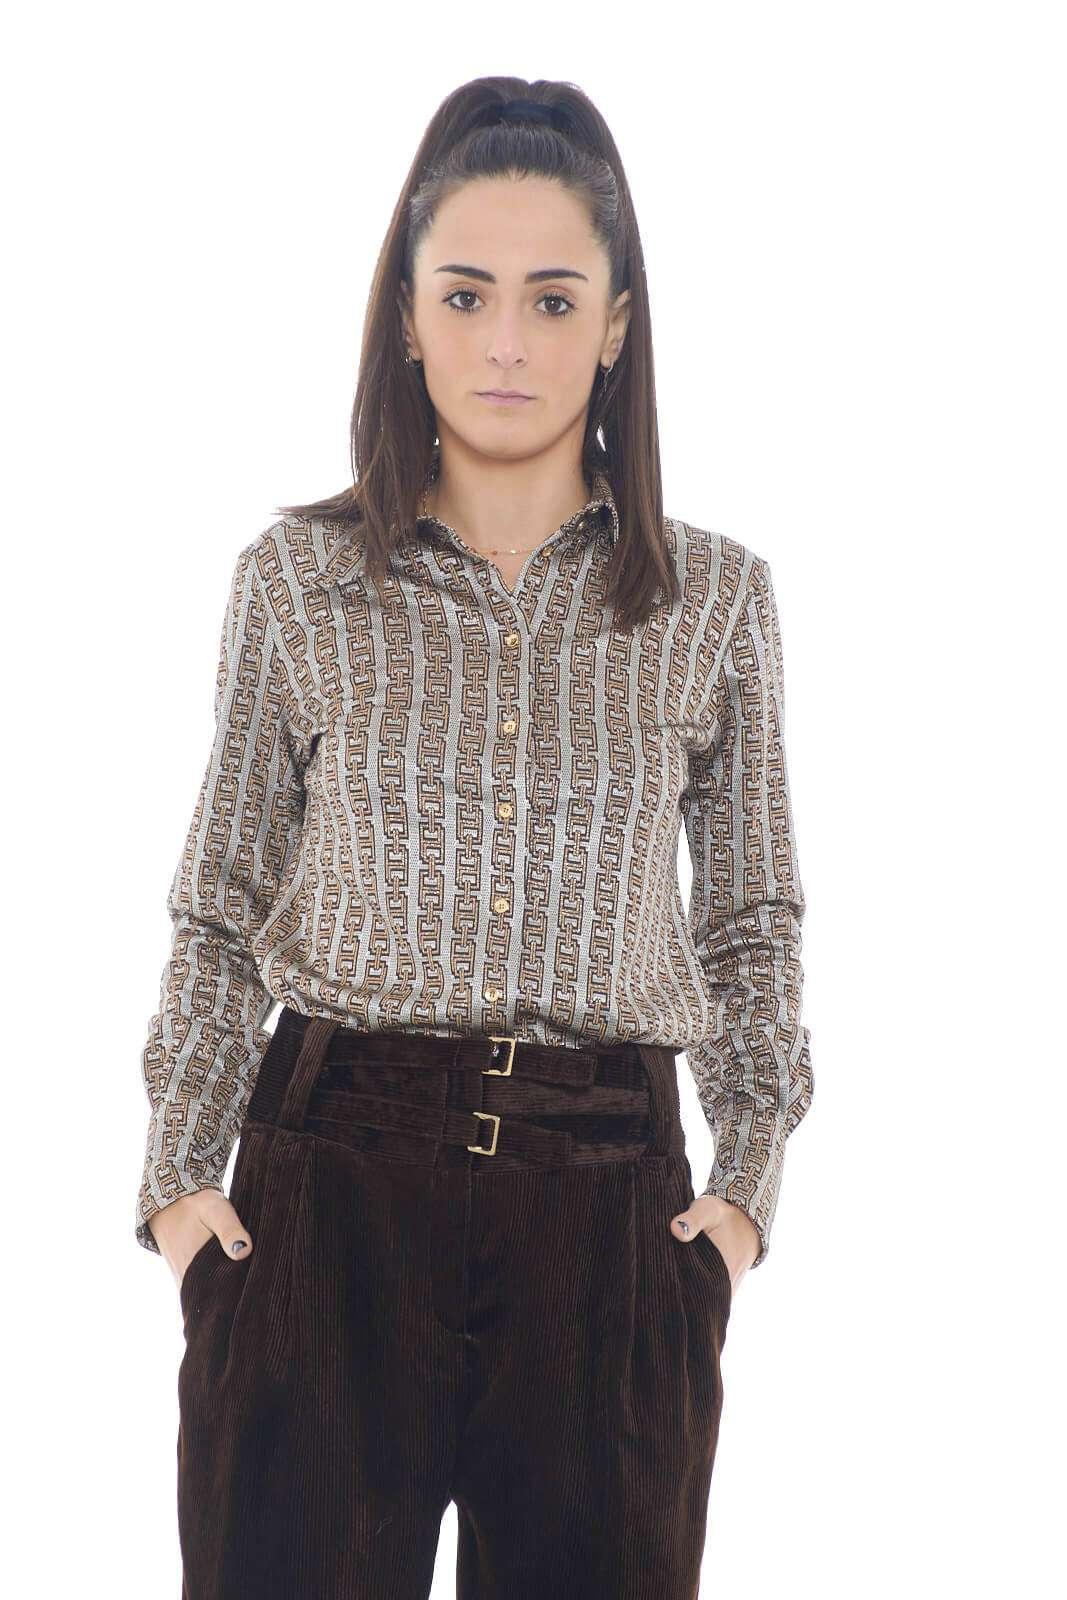 Una camicia dall'iconica fantasia jacquard per la collezione donna Pinko. Da abbinare sia con pantaloni che con gonne, dona un tocco di stile sia a look formali che non. I bottoni oro si abbinano alla stampa catena per un effetto chic.